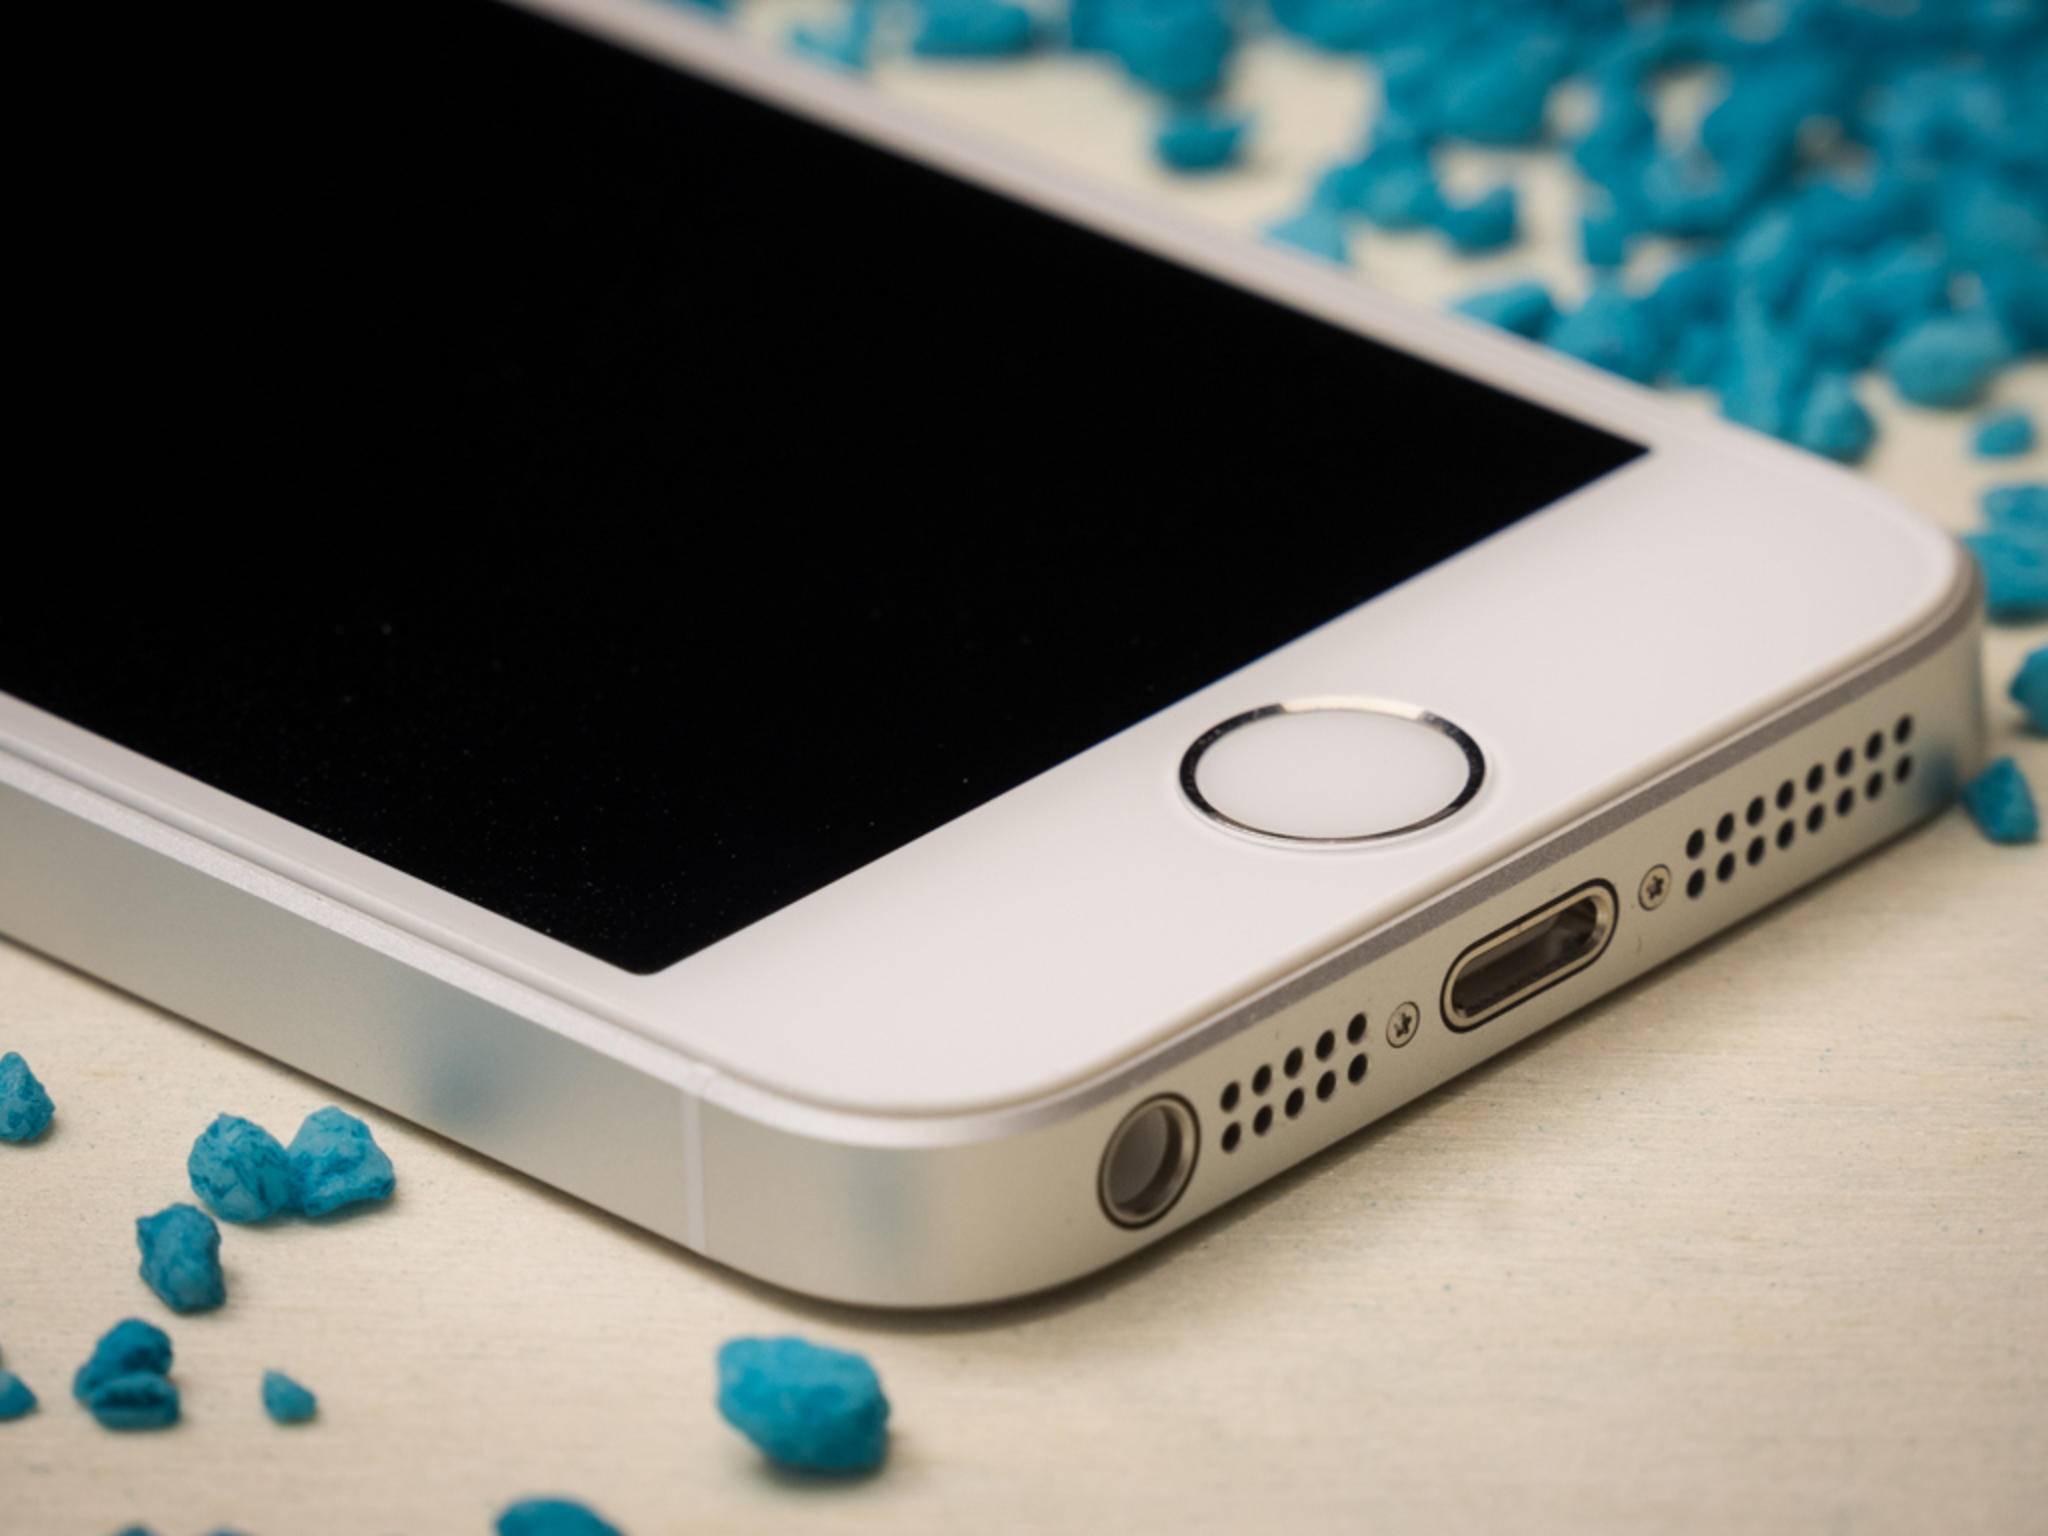 OS X 10.12 soll das Mac-Entsperren mit Touch ID auf dem iPhone ermöglichen.